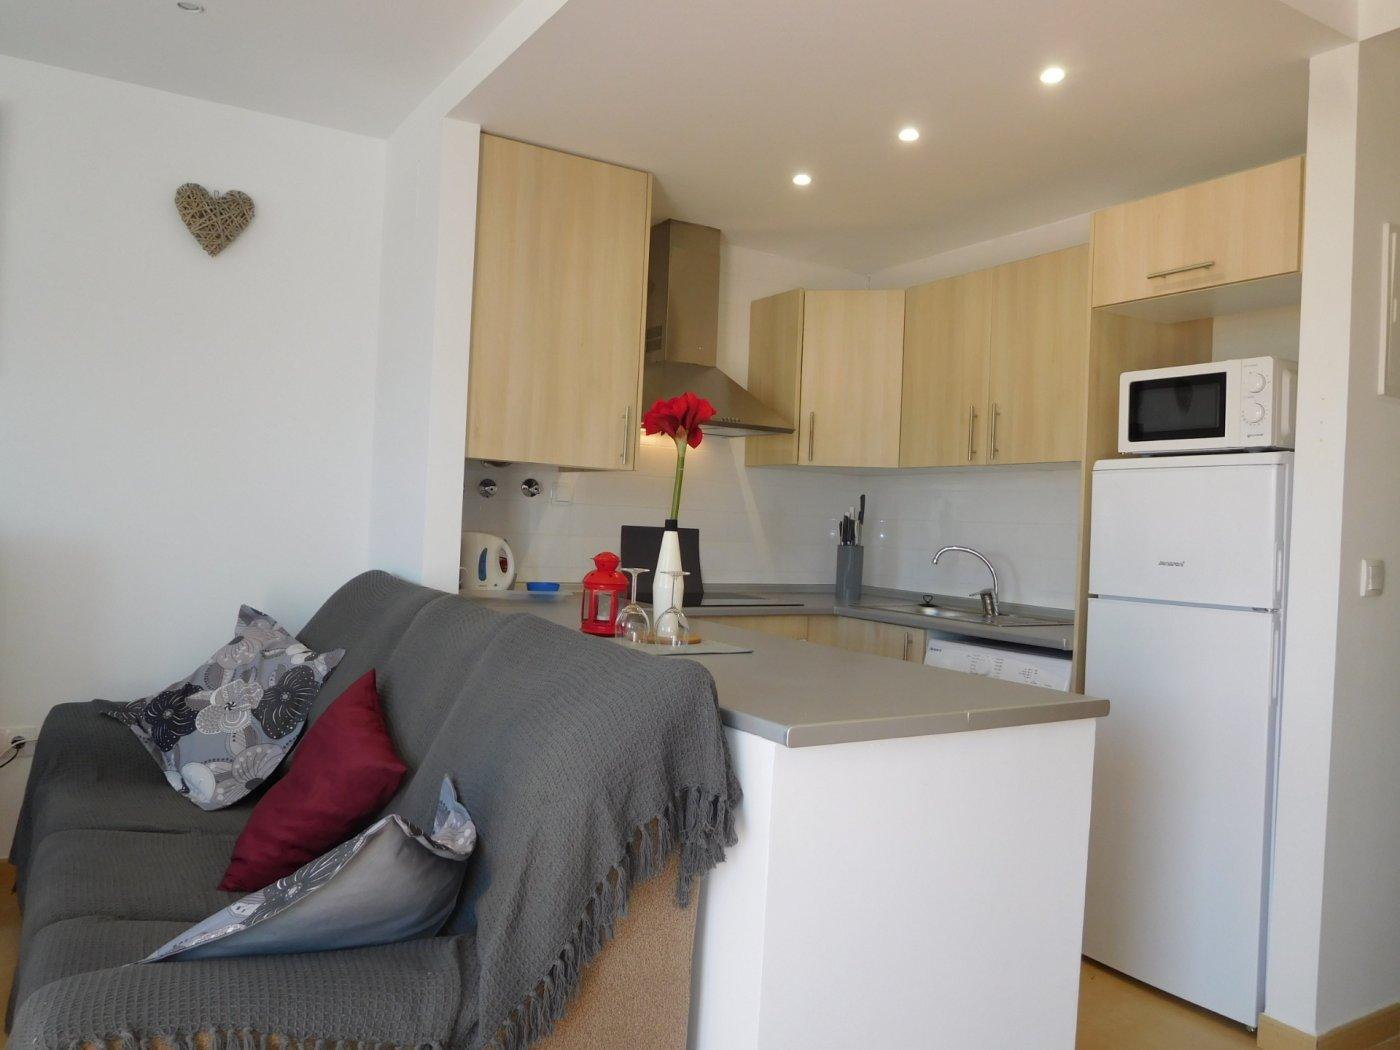 Image 5 Apartment ref 3265-03302 for rent in Condado De Alhama Spain - Quality Homes Costa Cálida